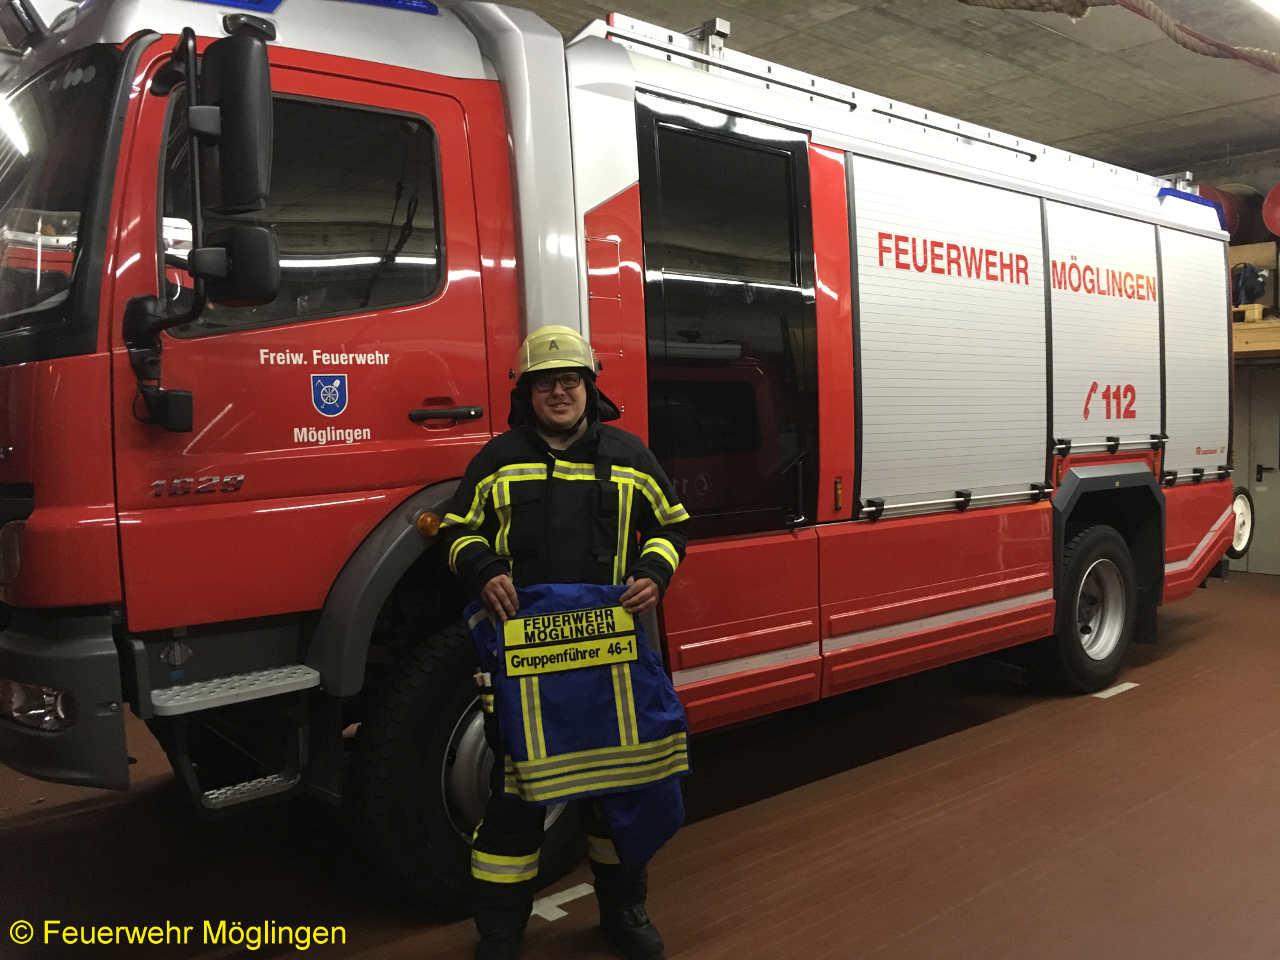 Die Feuerwehr Möglingen gratuliert zum bestandenen Lehrgang. cdd9c6f238